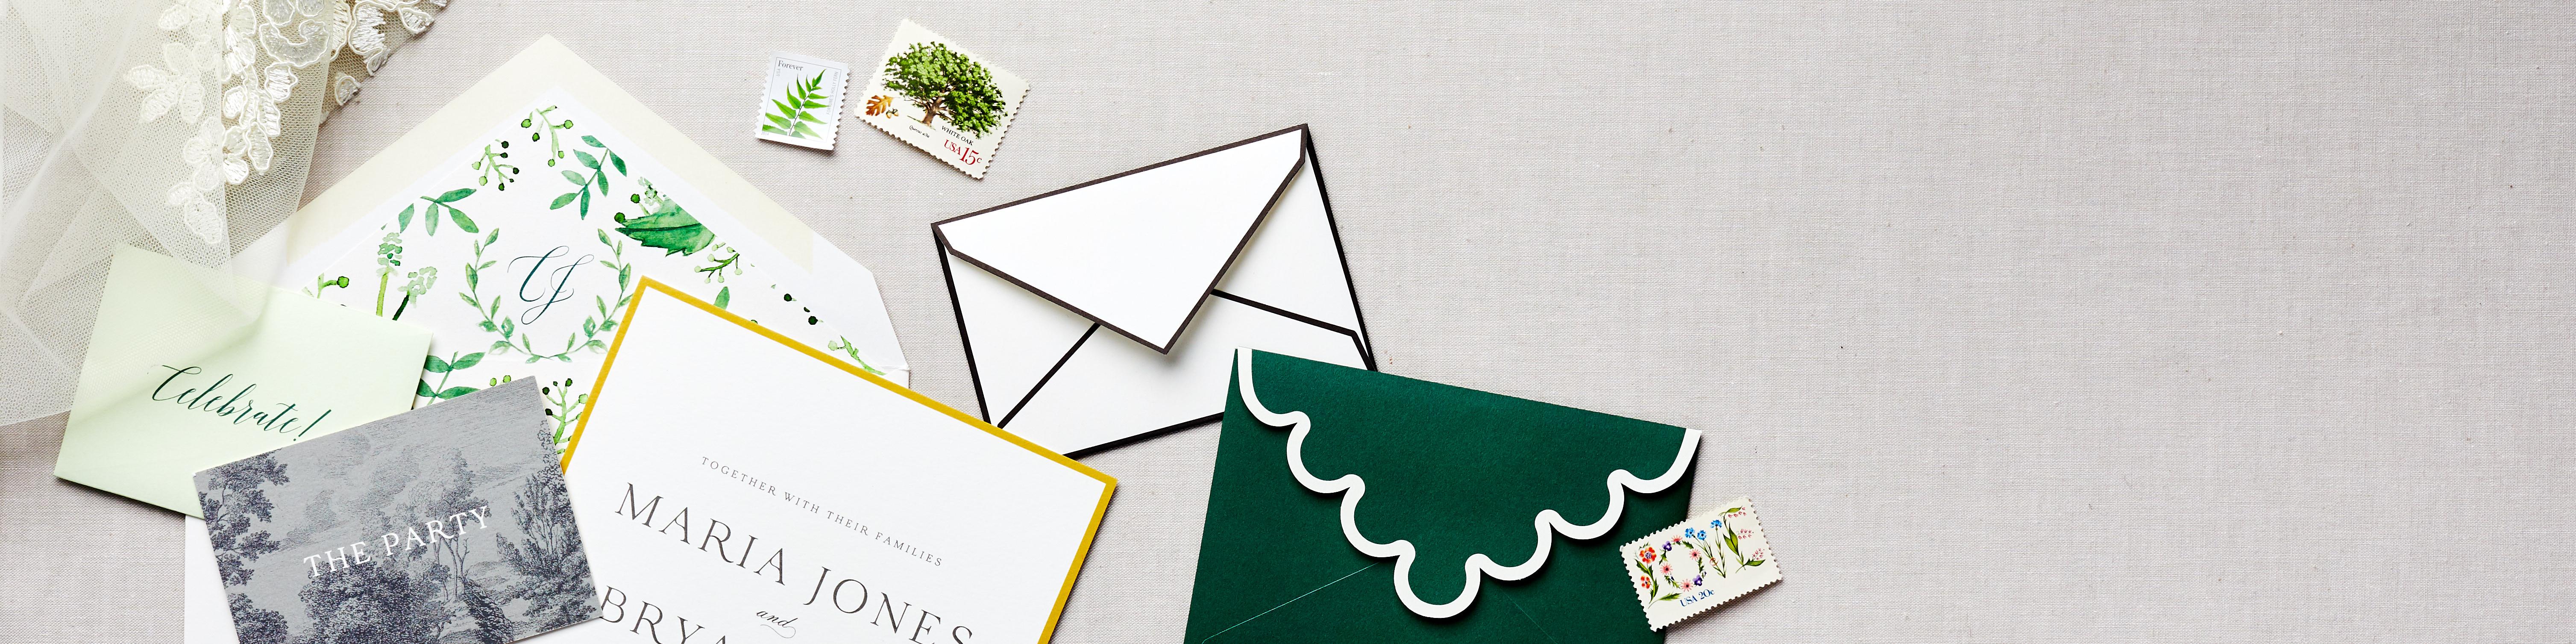 high end wedding invitation designs